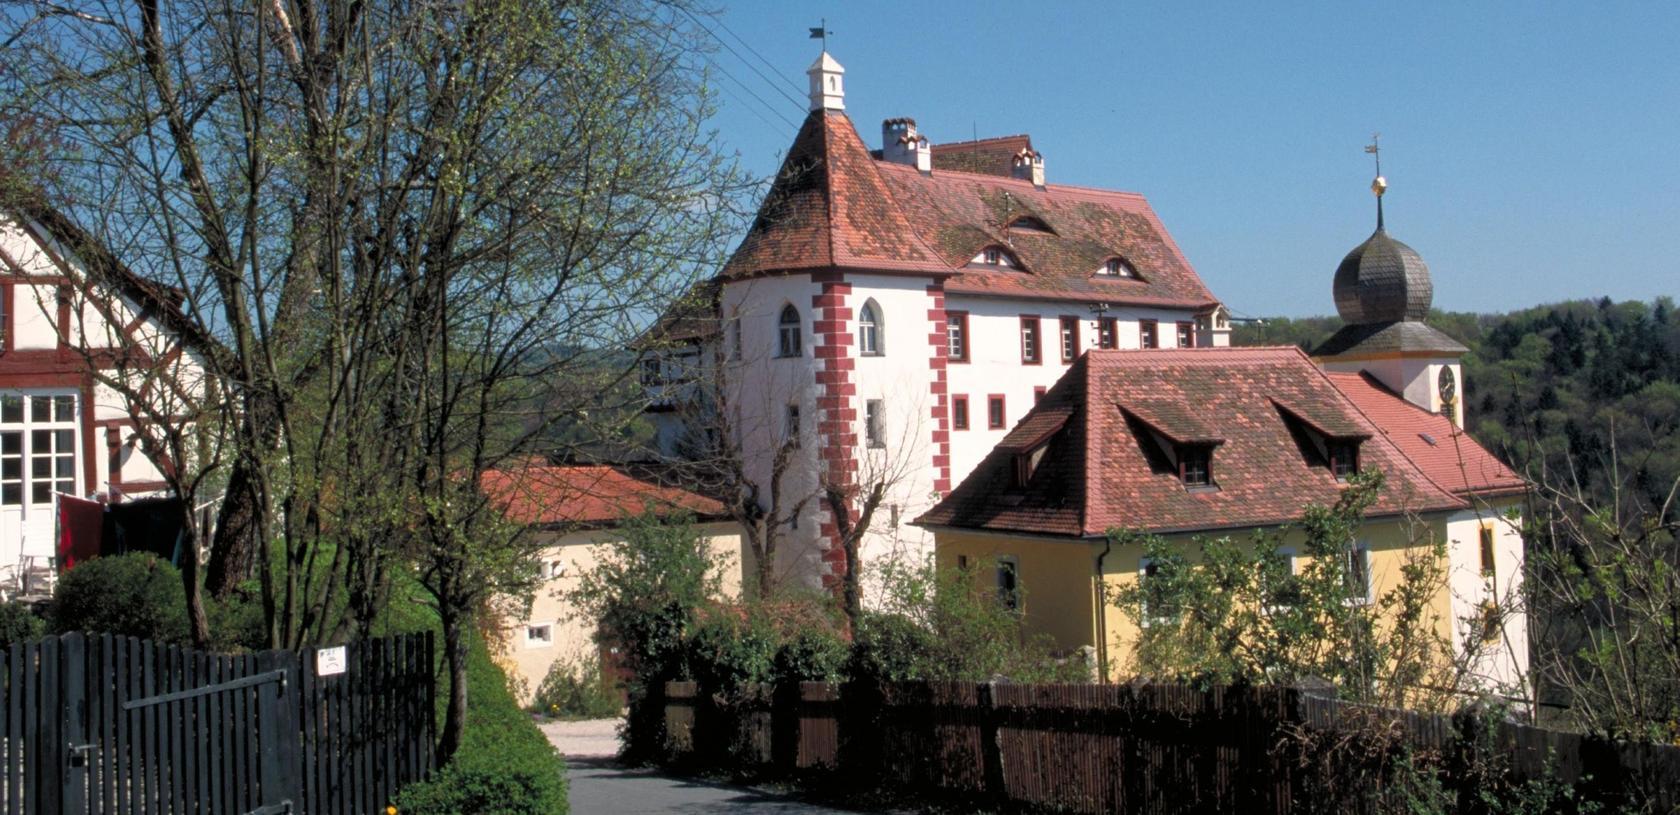 Der Kulturweg Egloffstein verbindet die Natur der Fränkischen Schweiz mit den Sehenswürdigkeiten der Marktgemeinde.